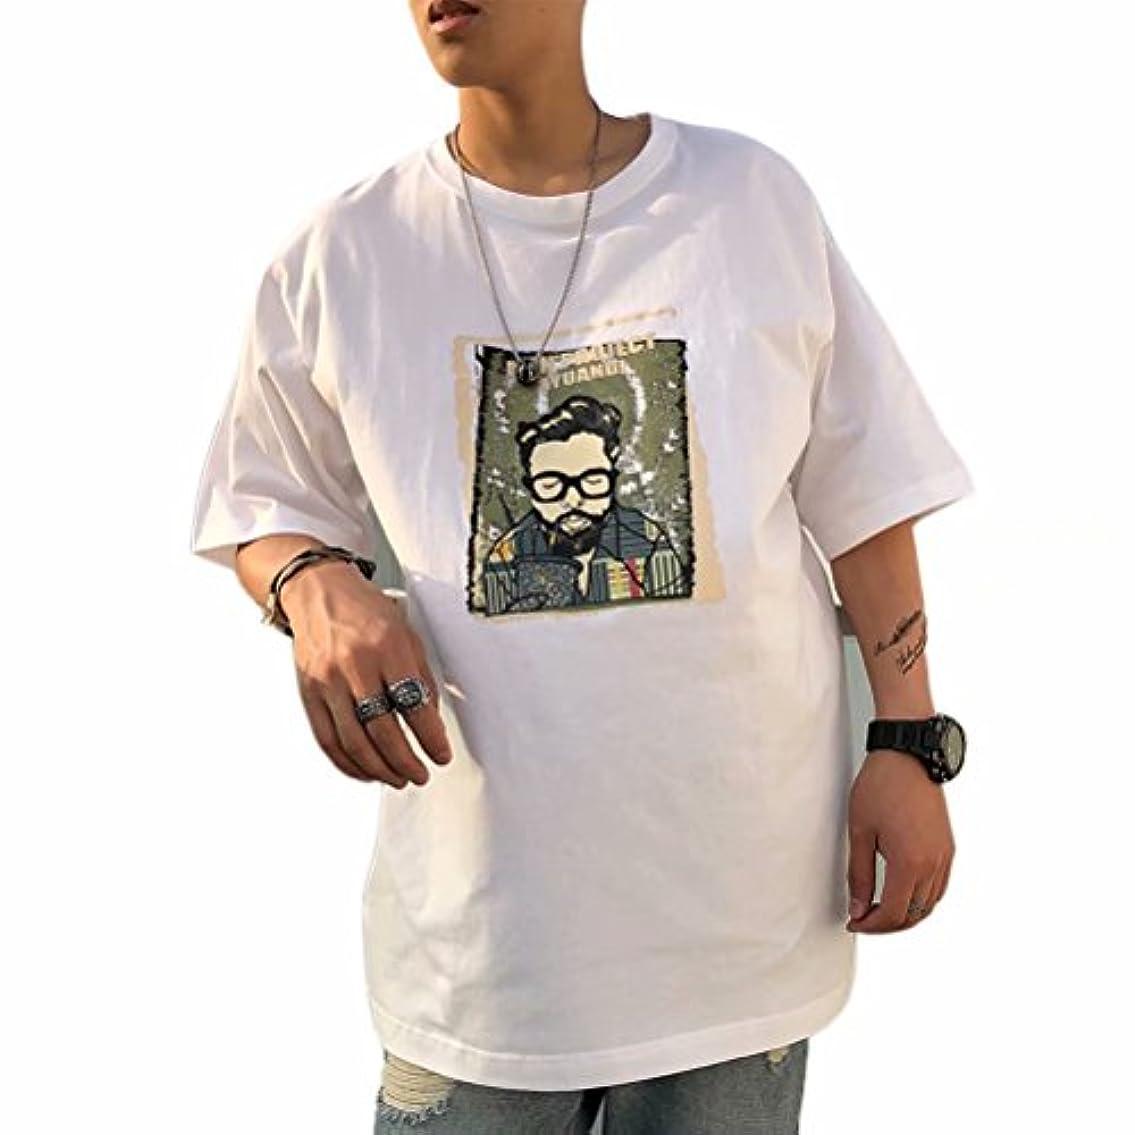 デモンストレーション大工慎重InitialGイニシャルジー Tシャツ メンズ 半袖 ゆったり 大きいサイズ シャツ 015-xz802-18053